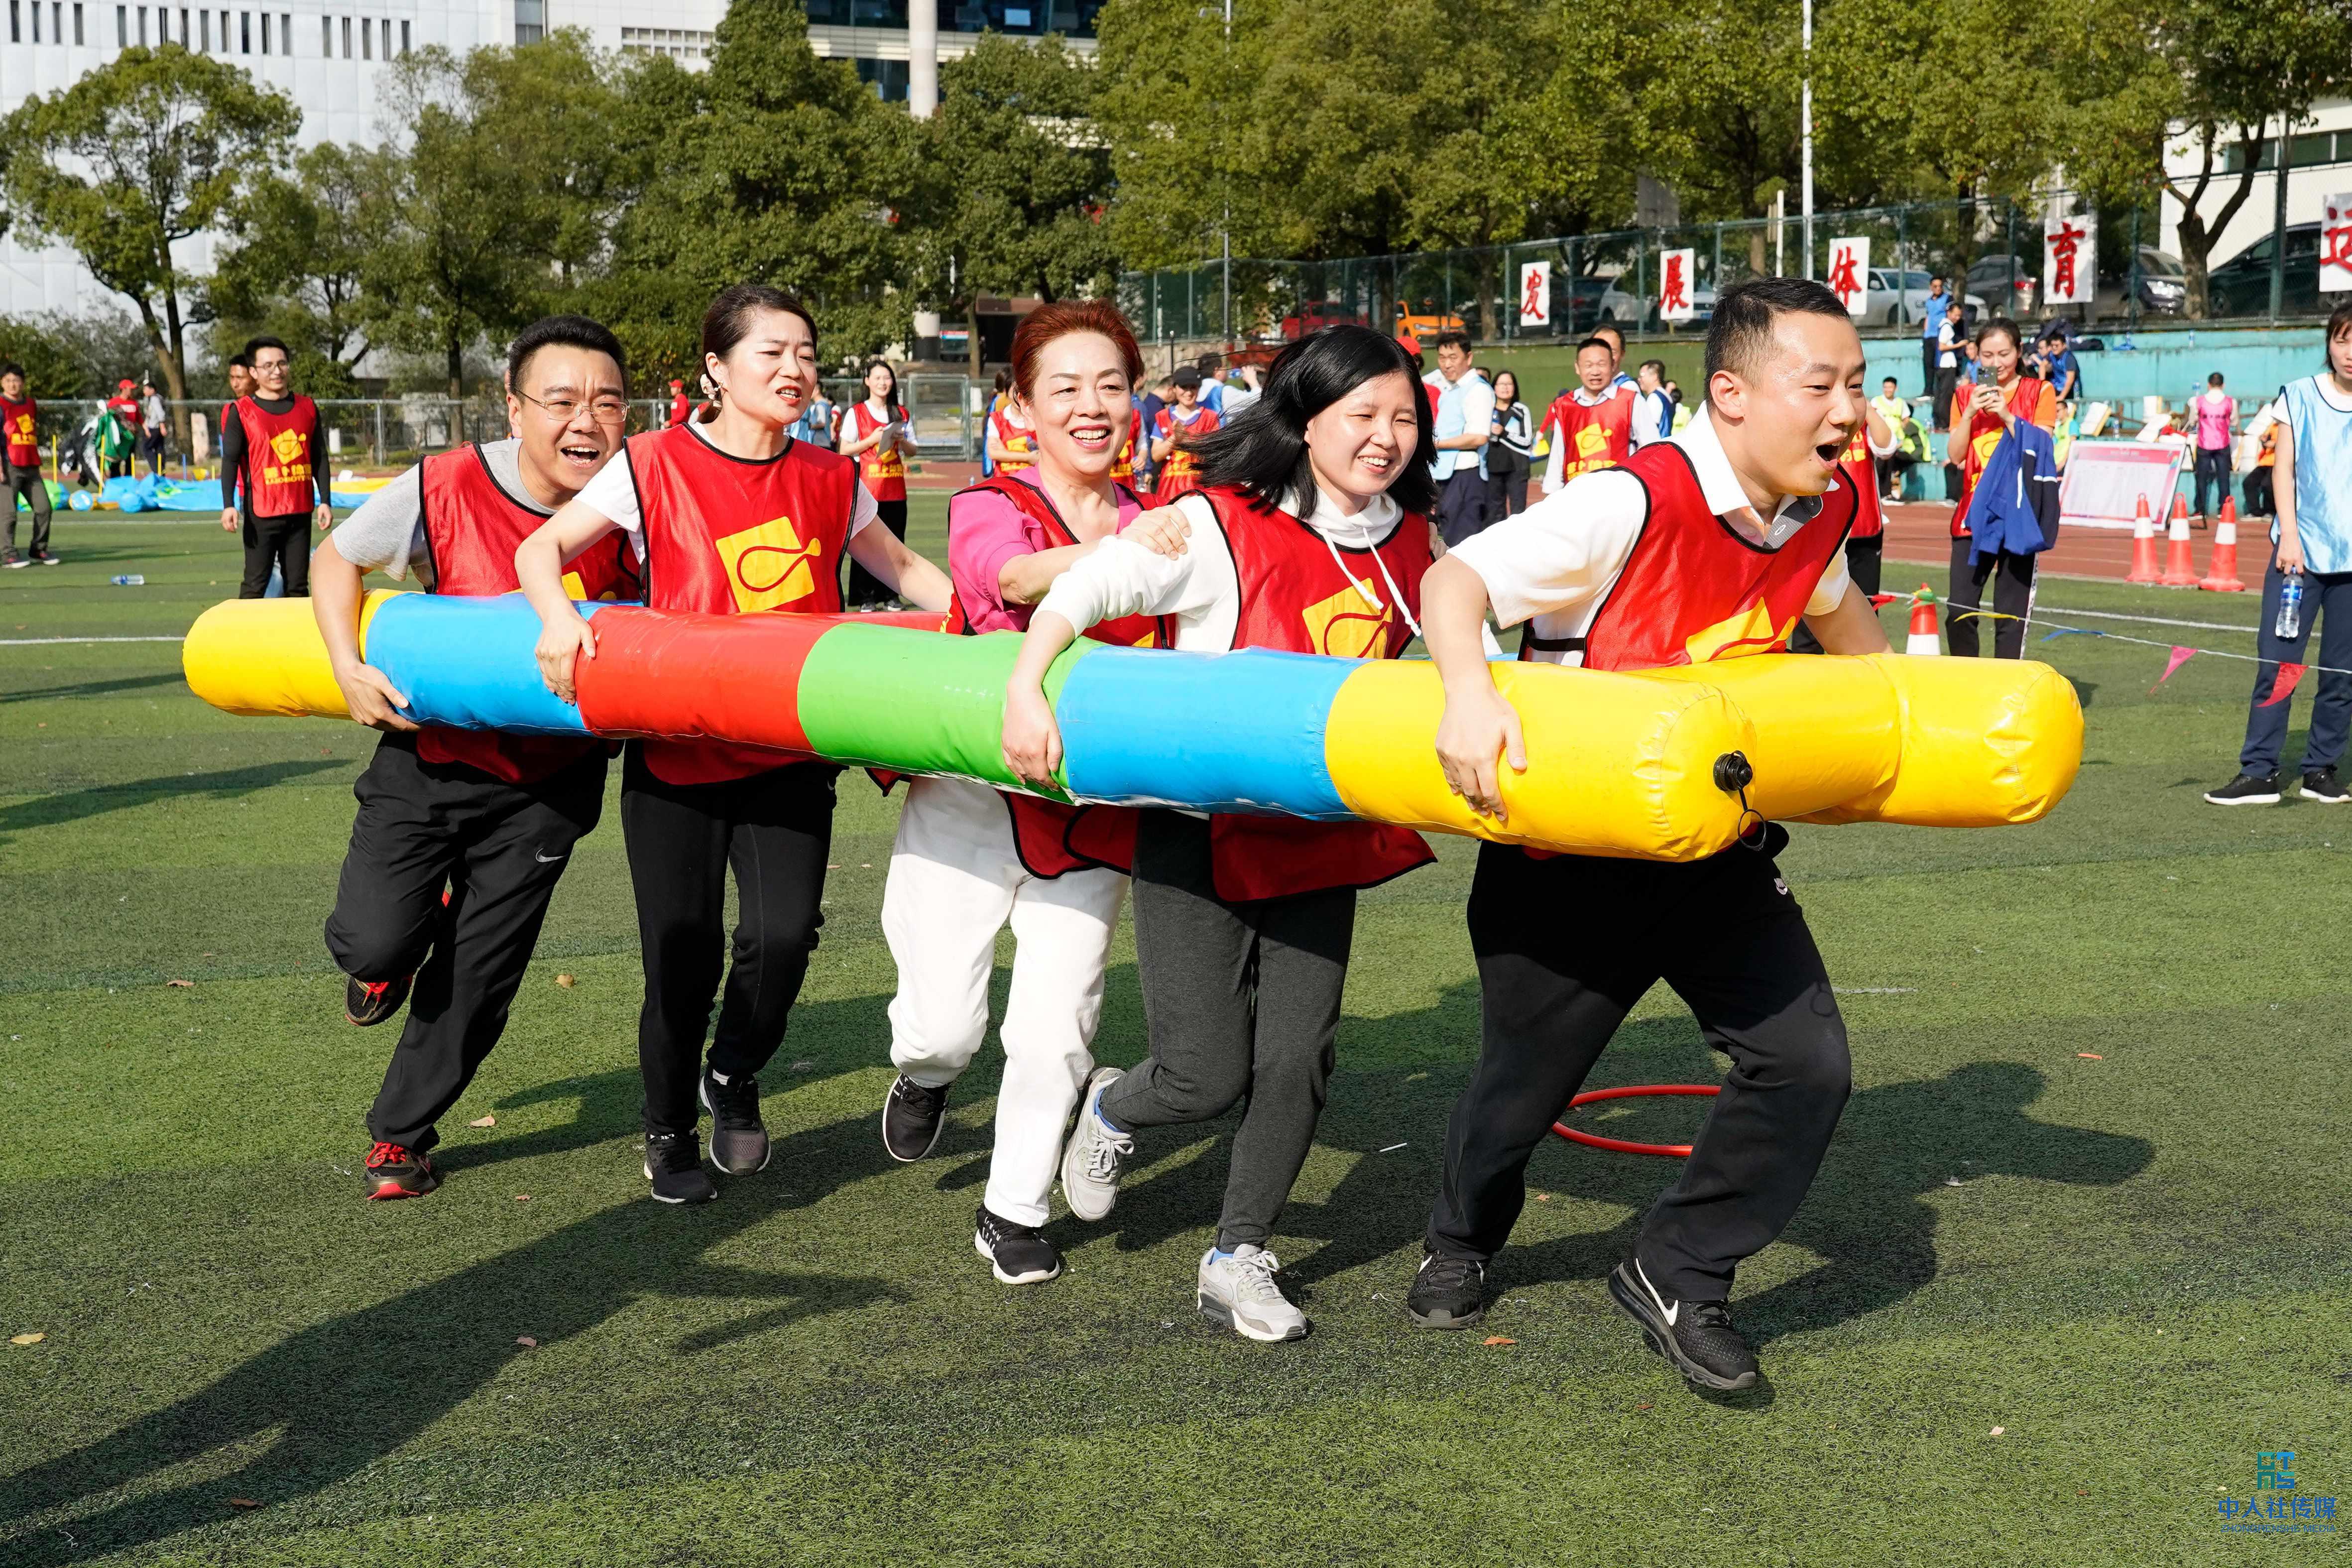 趣味运动竞风采 凝心聚力逐梦想